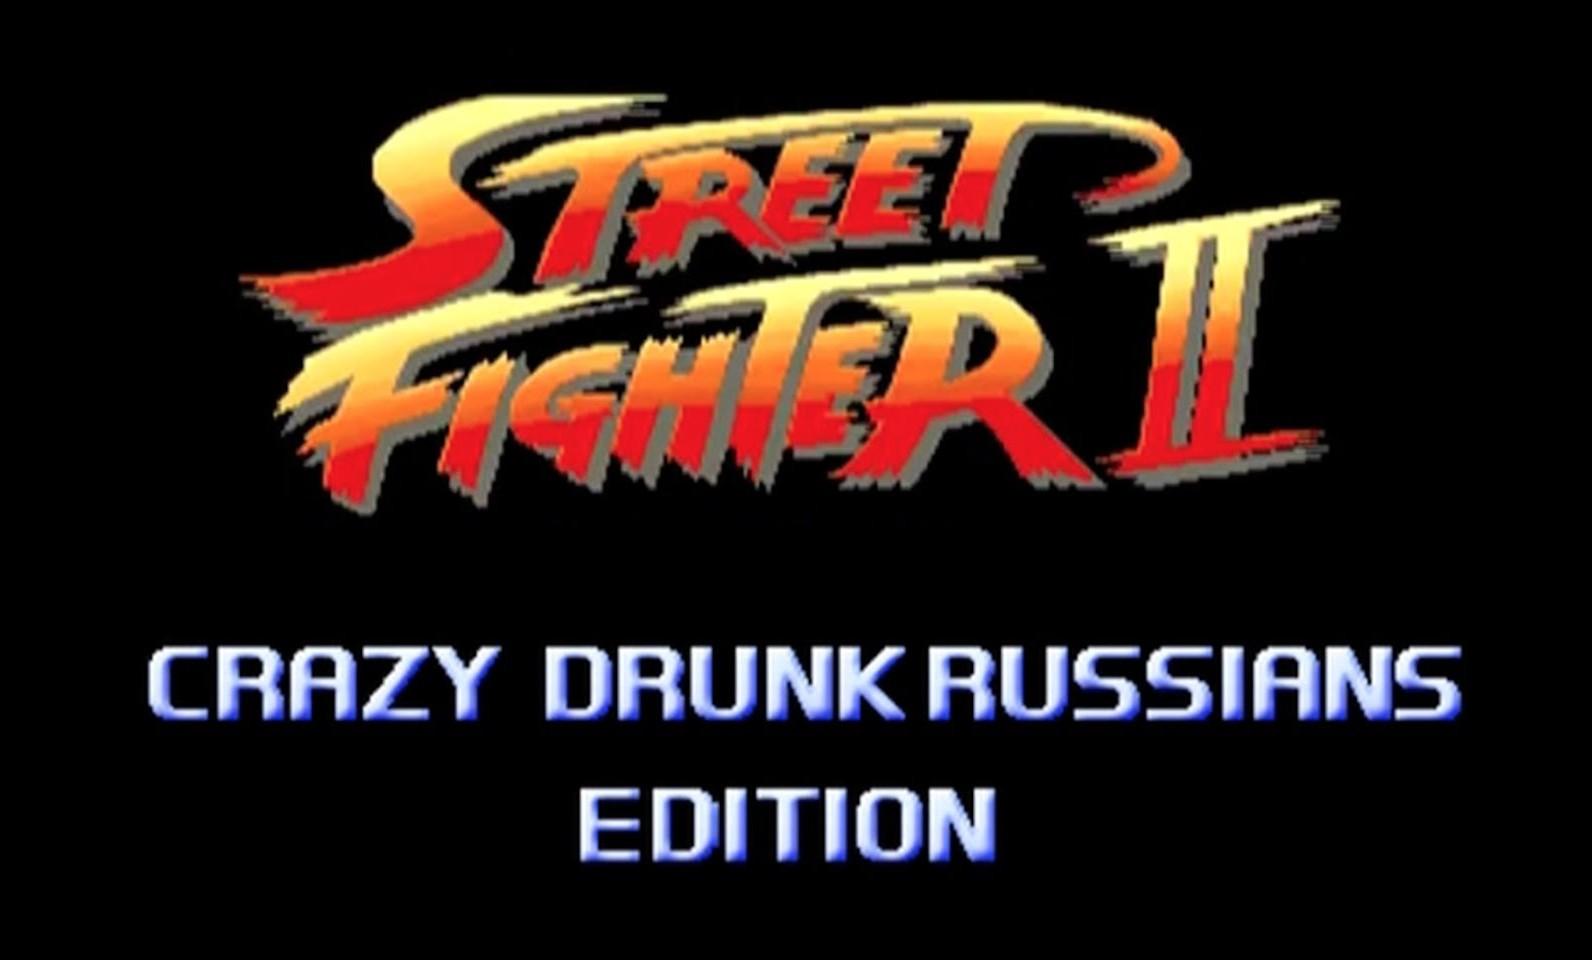 SI STREET FIGHTER SE HUBIERA DESARROLLADO EN RUSIA